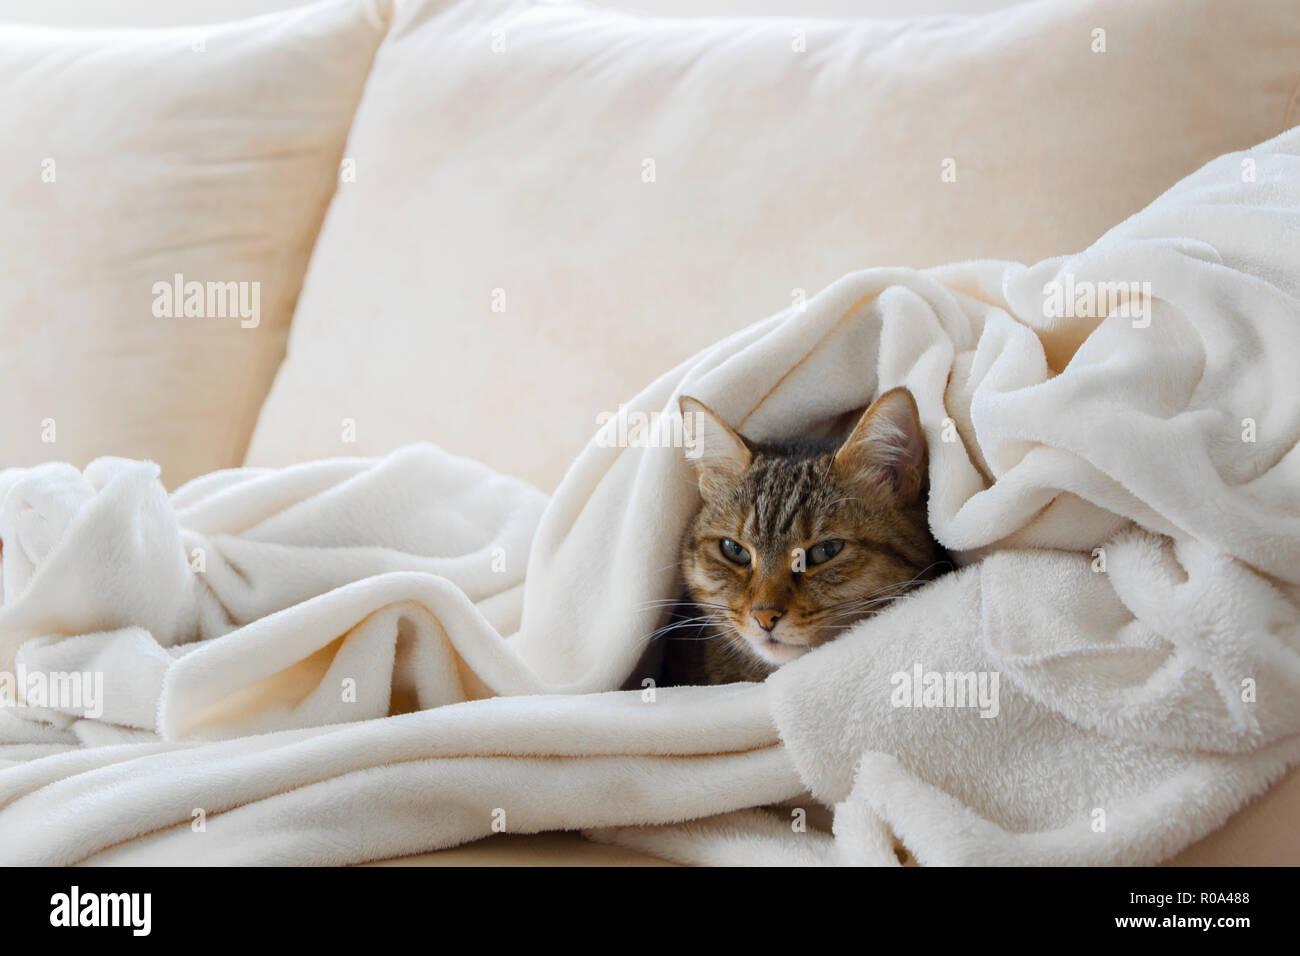 Beau chat européen est relaxant dans la douce couverture blanche sur un canapé Photo Stock